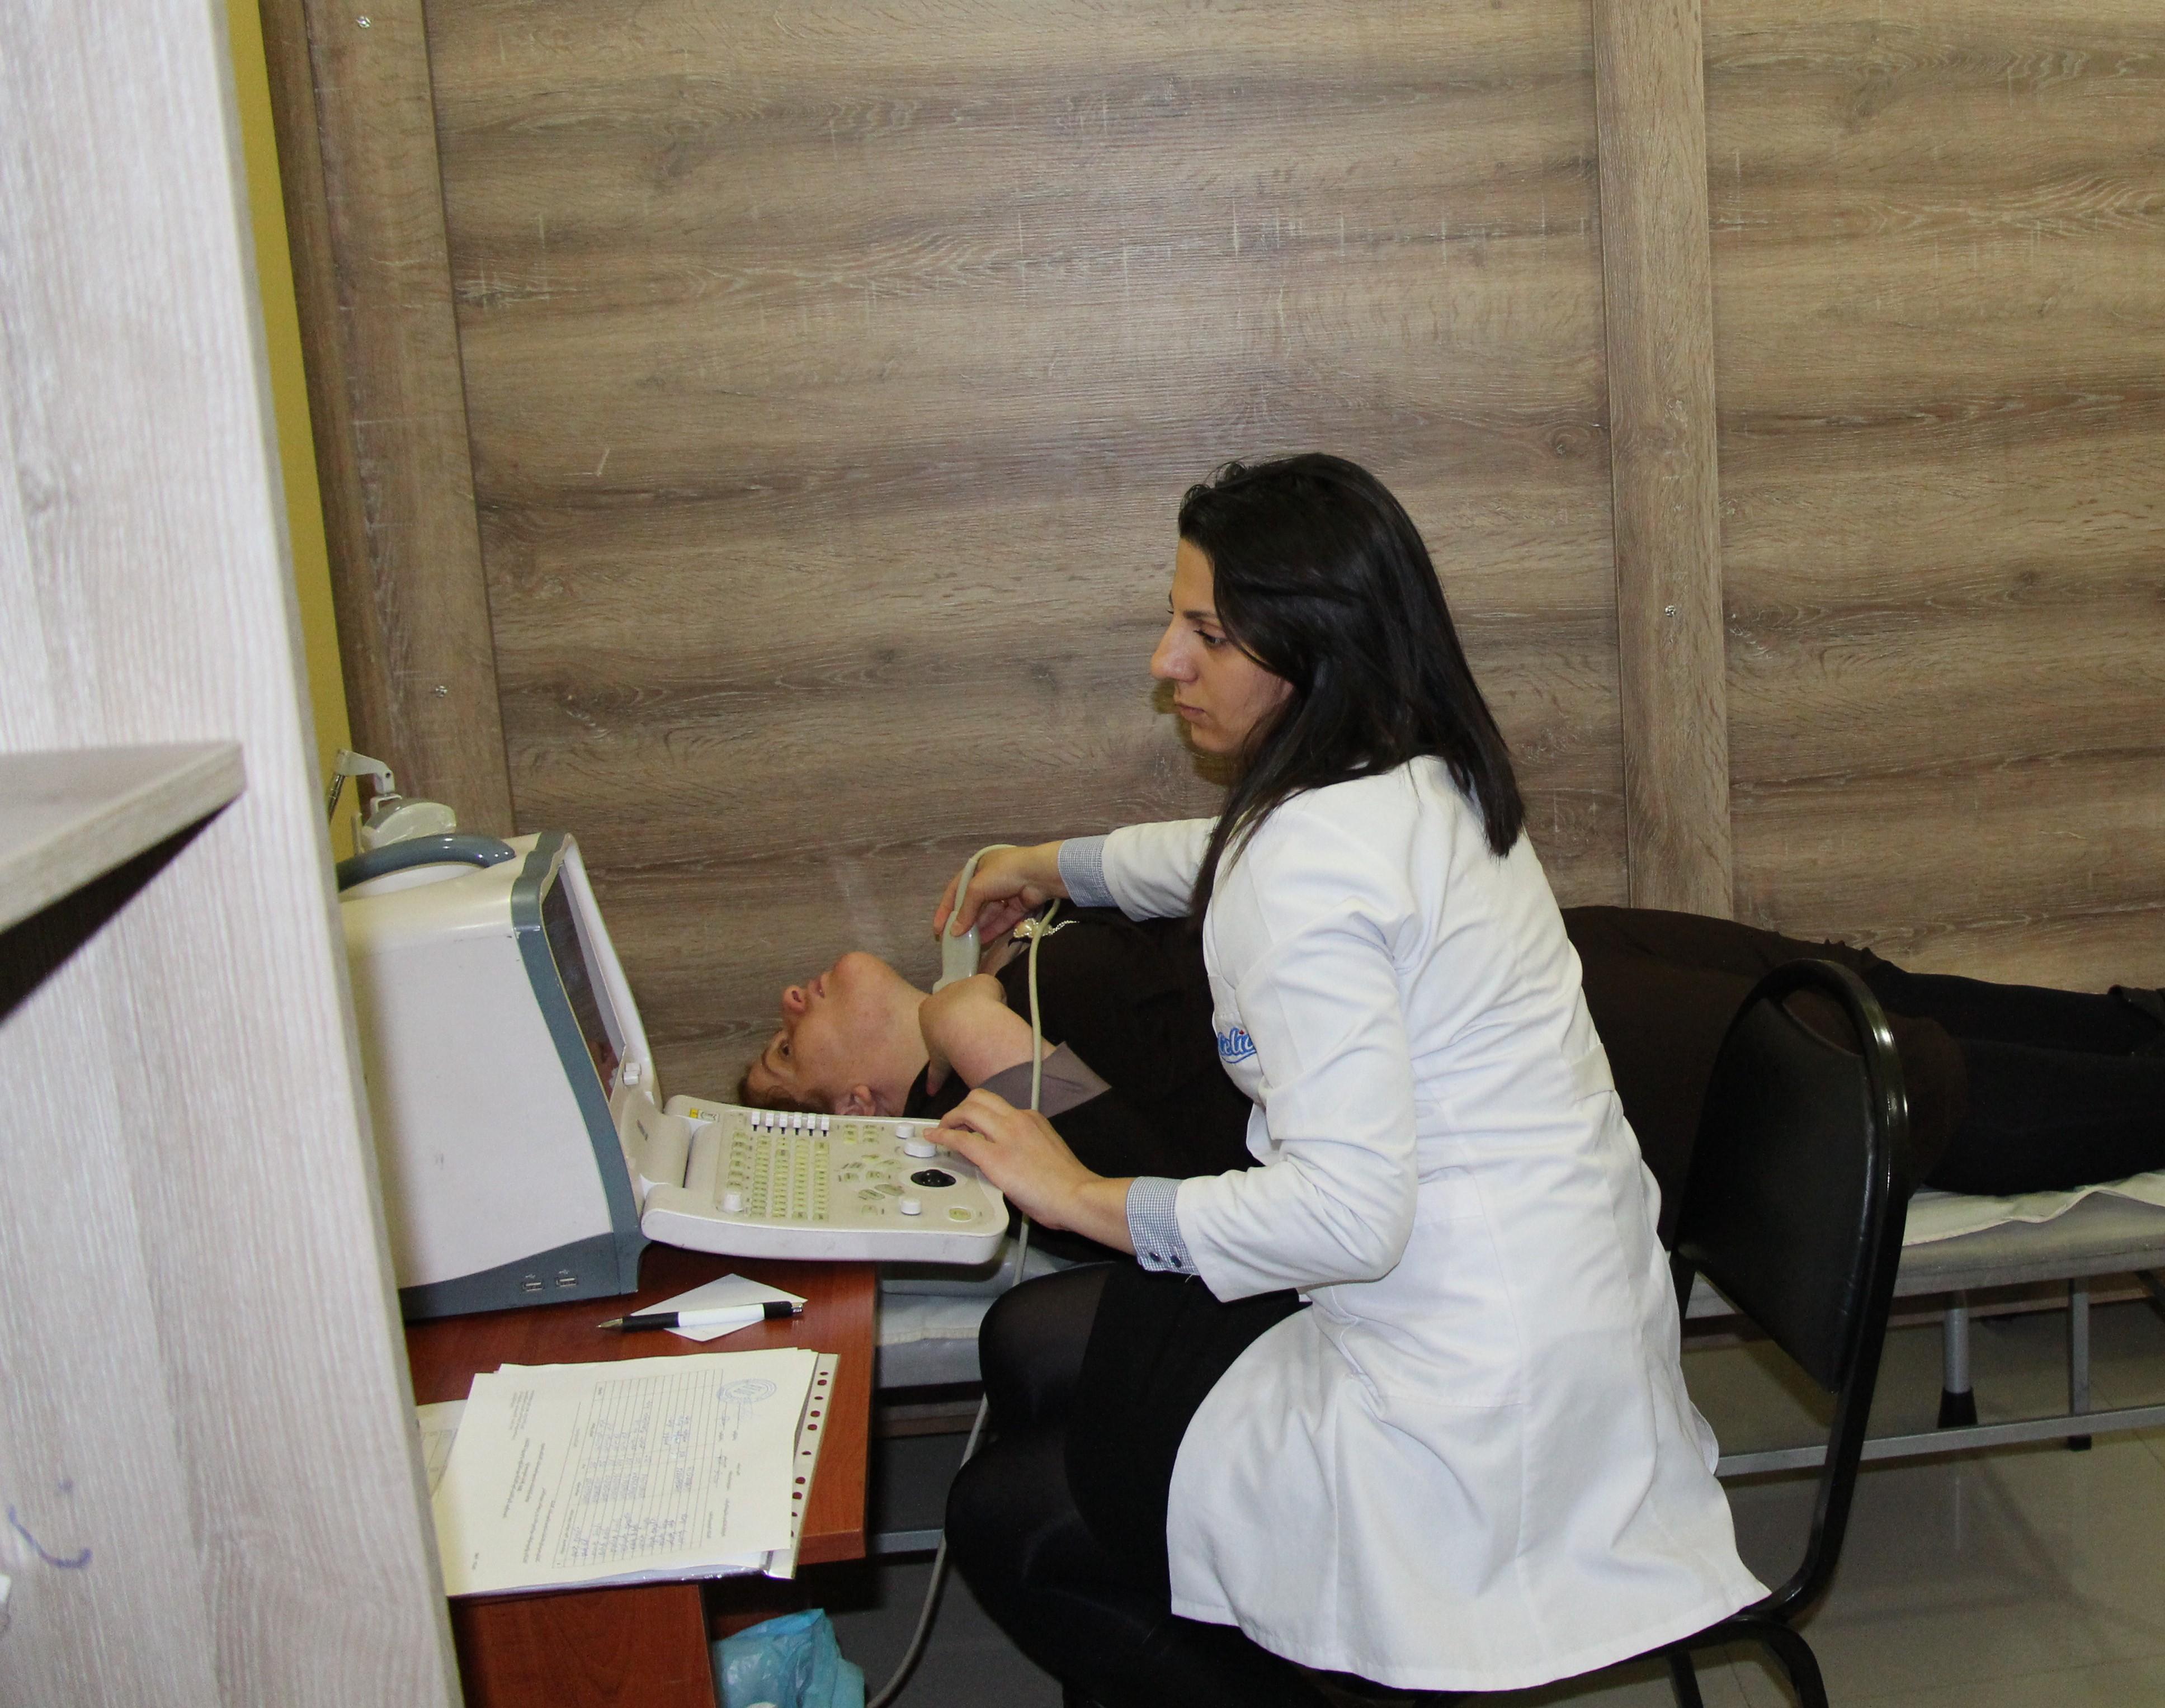 ორსულებში ფარისებრი ჯირკვლის უფასო სკრინინგი იწყება